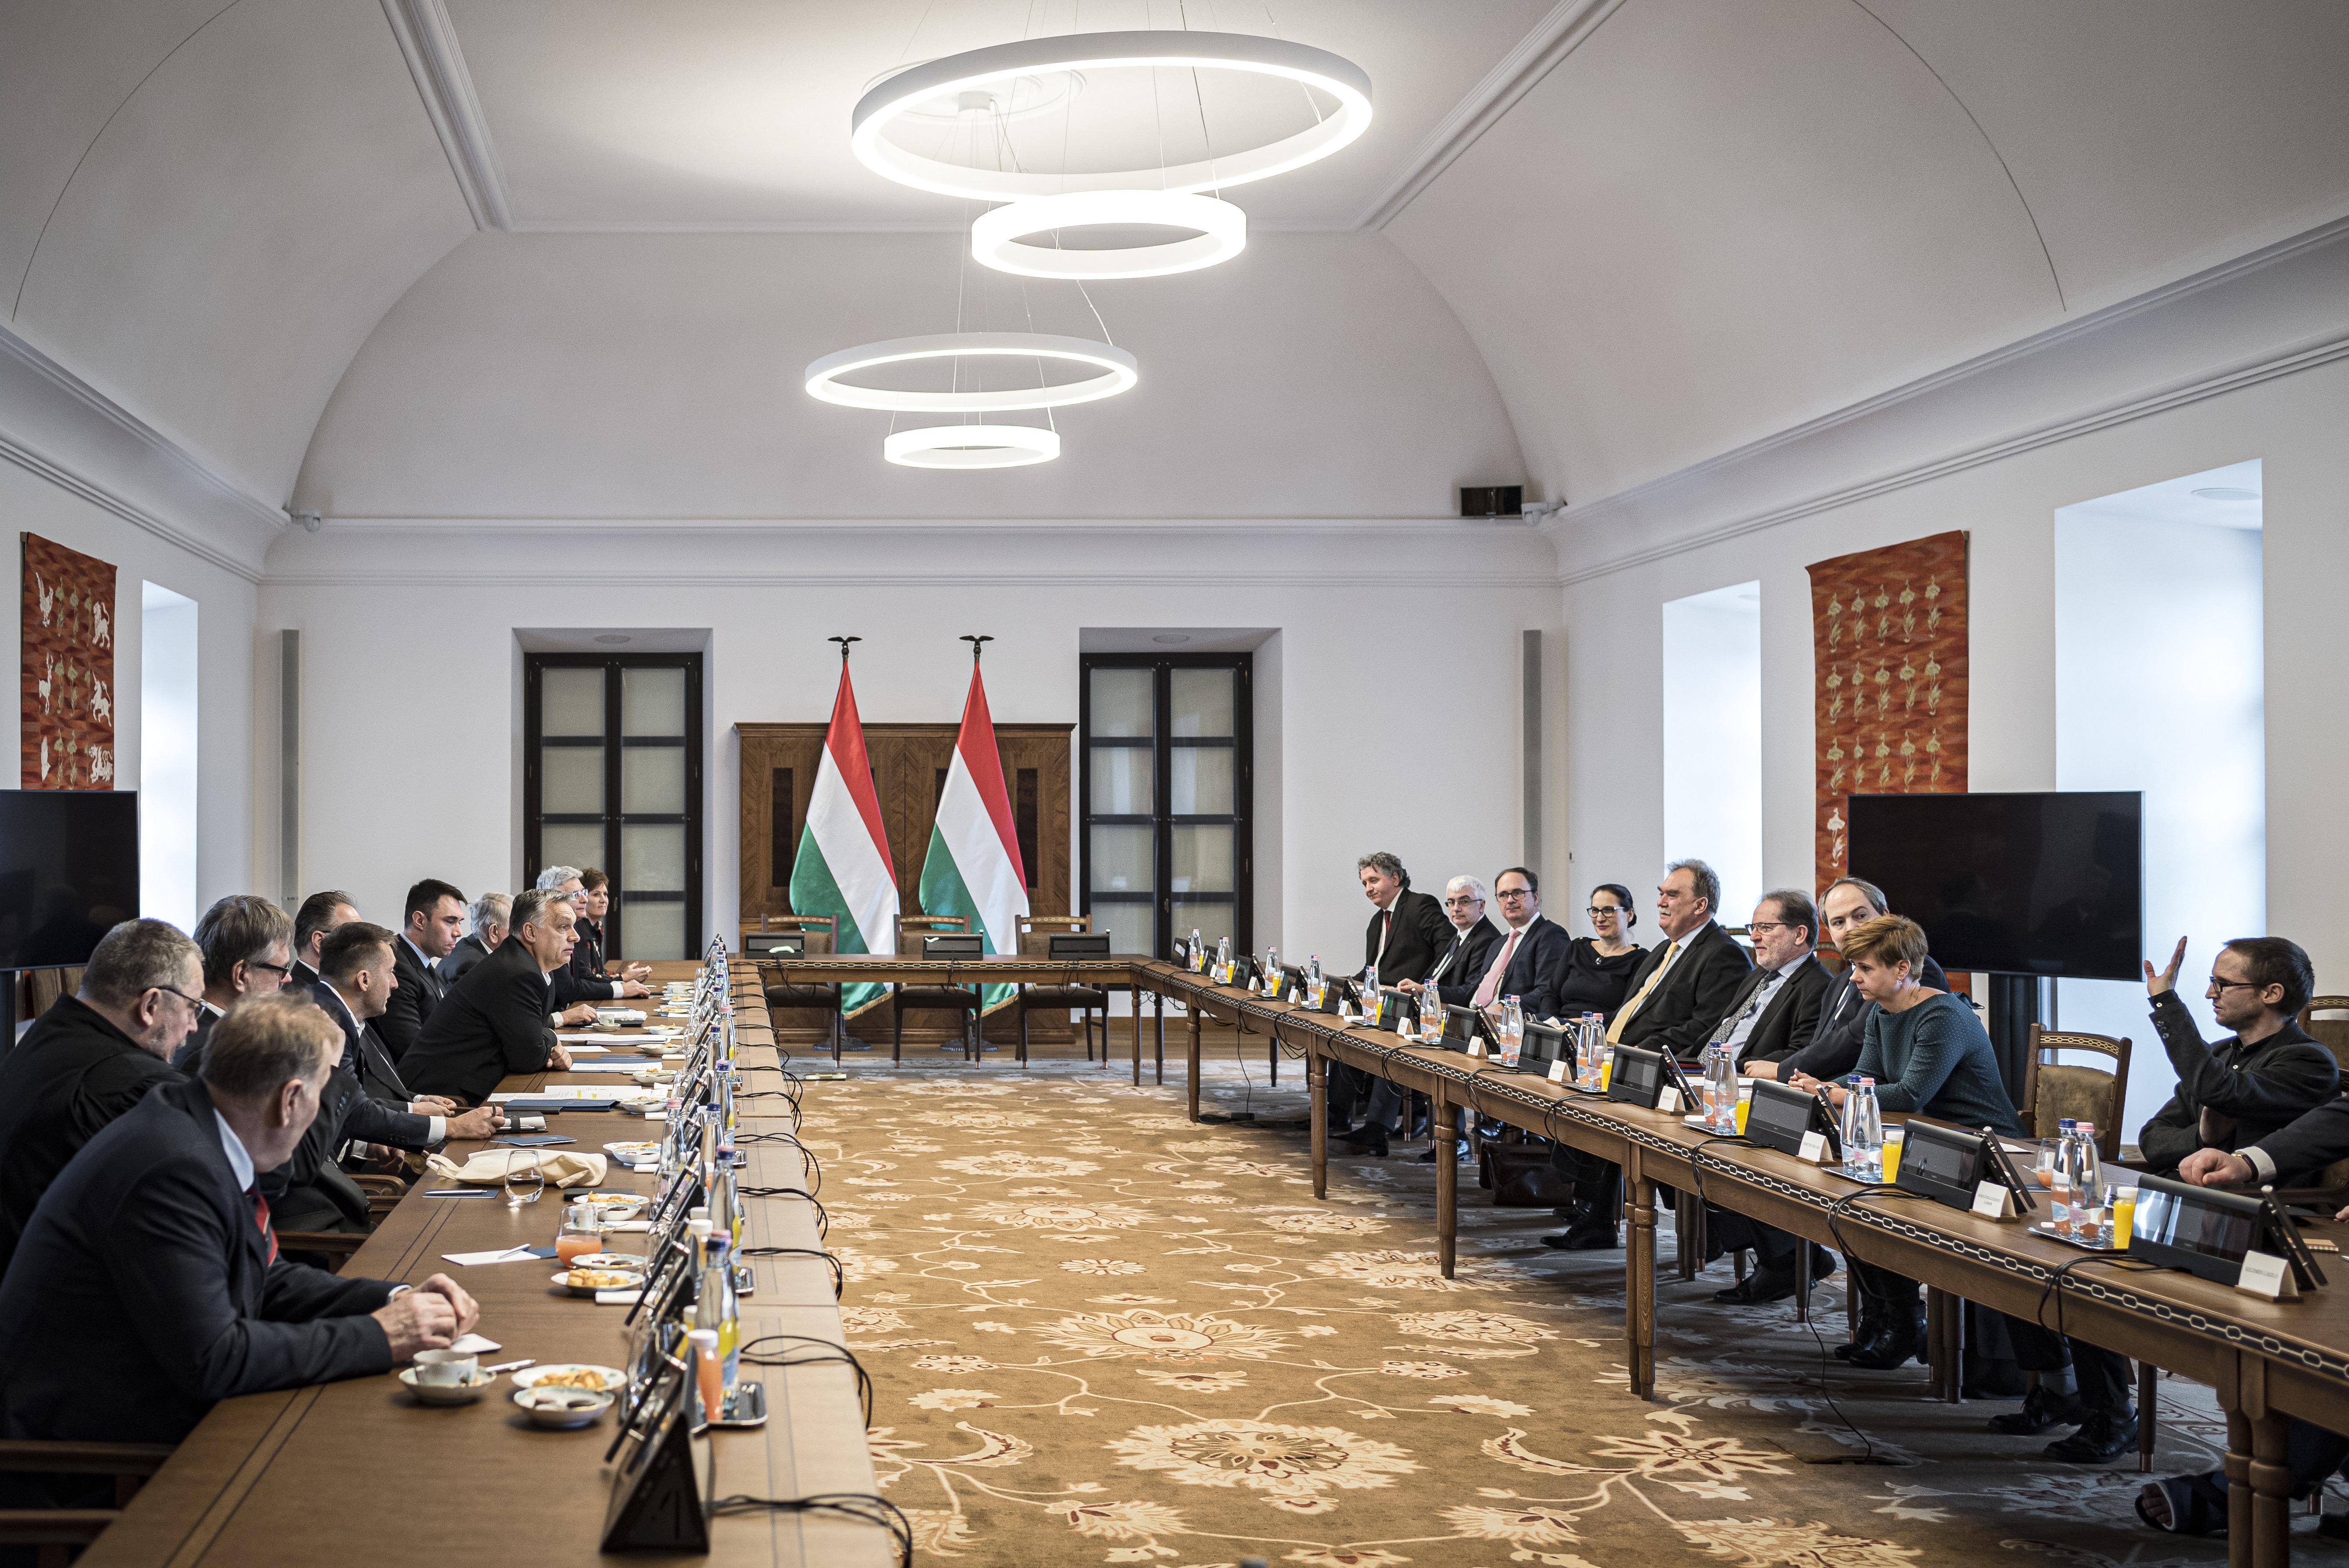 Orbán meghívására a várban megalapították a Nemzeti Kulturális Tanácsot